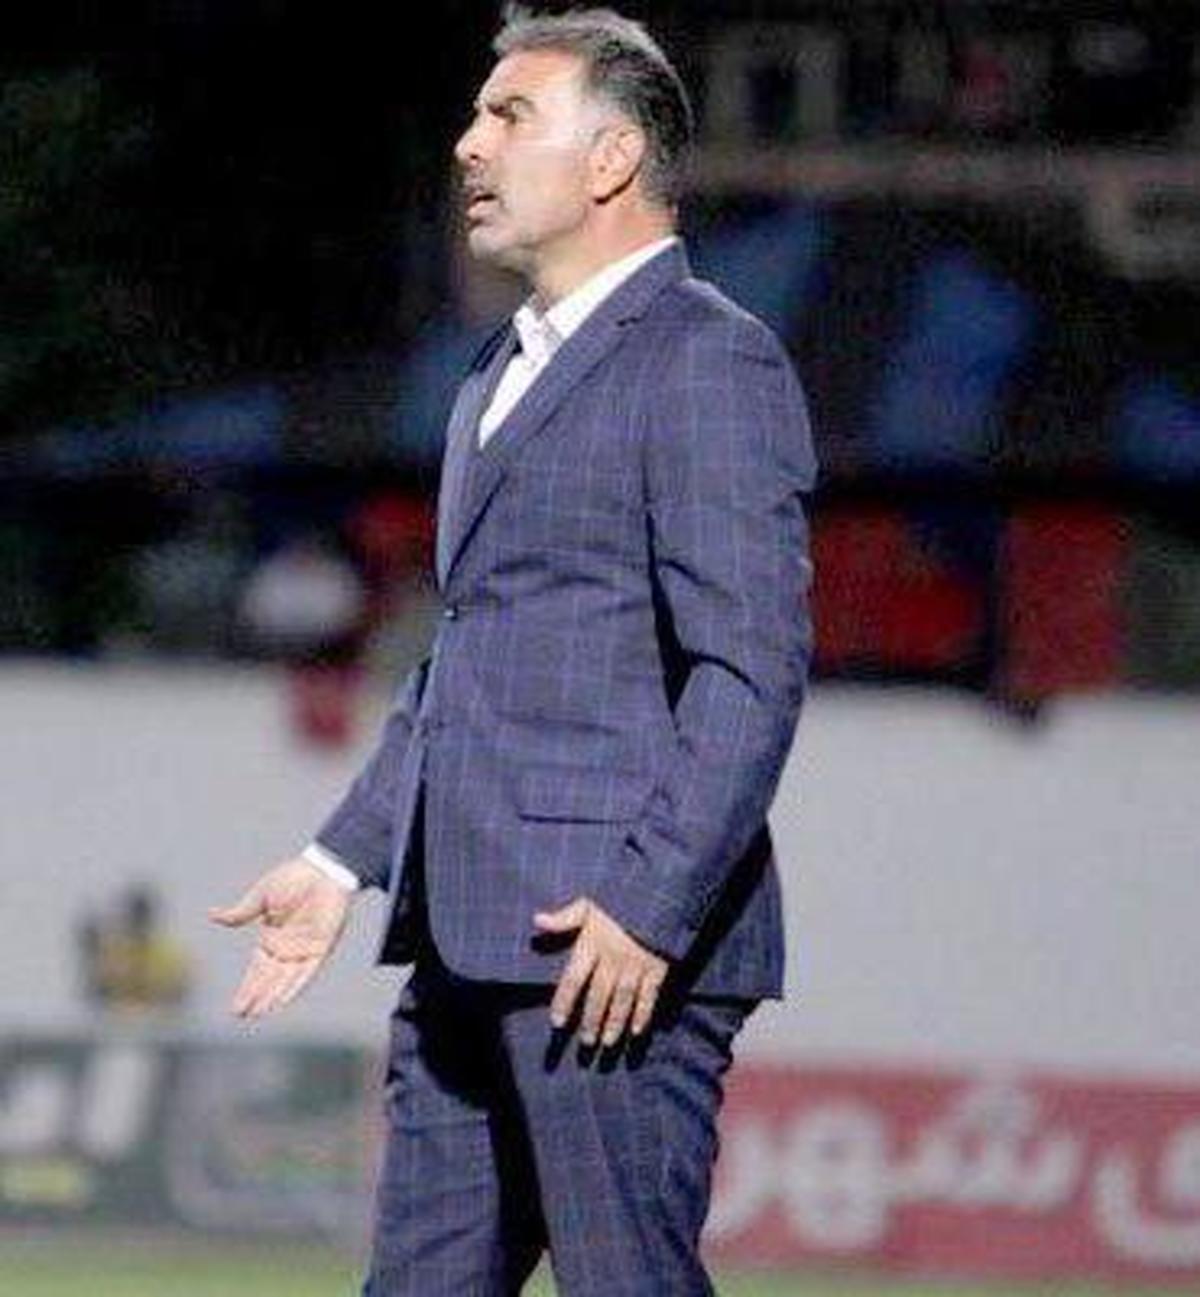 اعتراض هواداران استقلال به فکری در پیج رسمی باشگاه